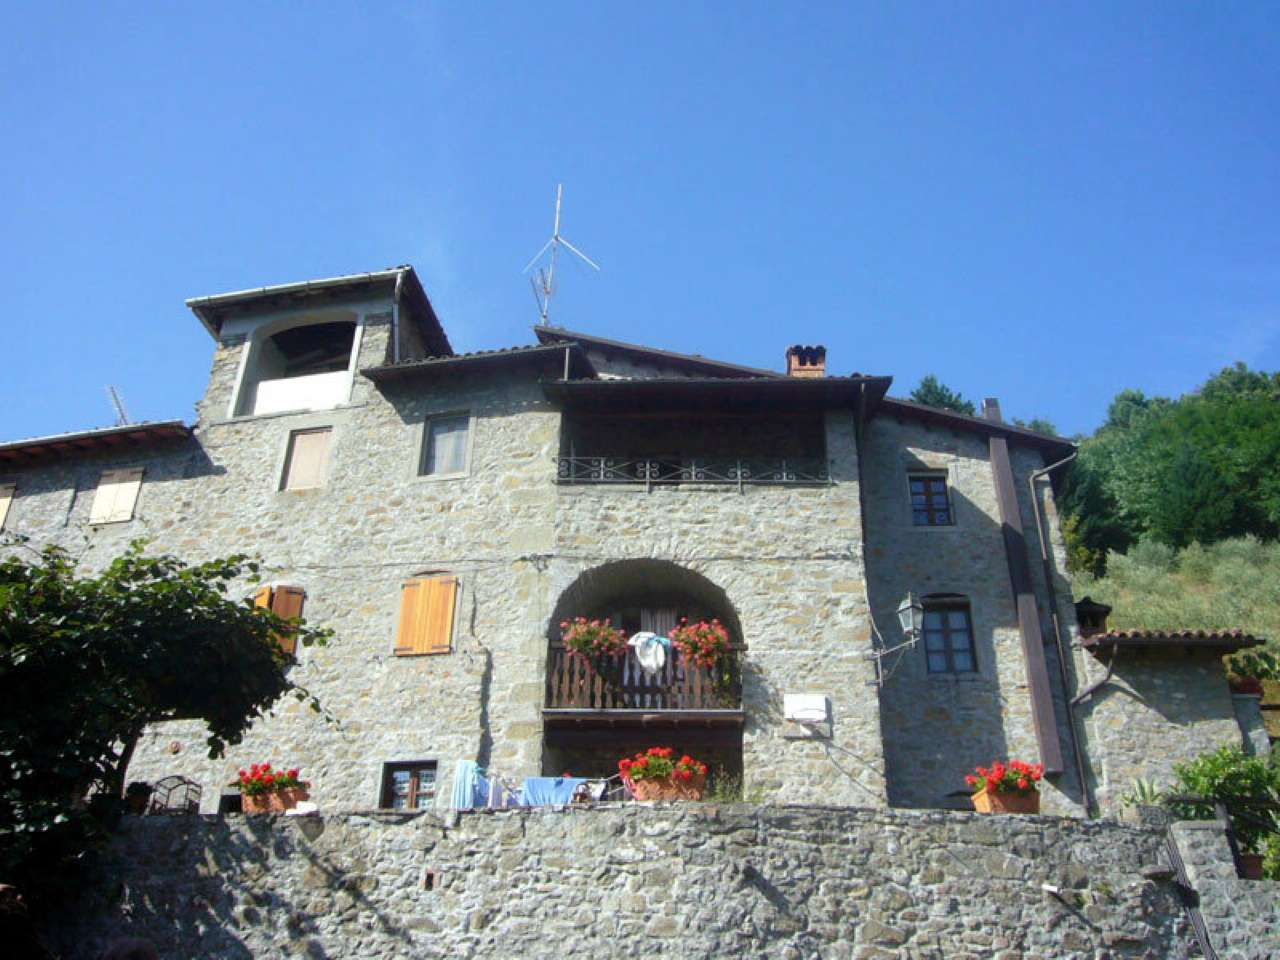 Appartamento in vendita a Barga, 6 locali, prezzo € 120.000 | PortaleAgenzieImmobiliari.it